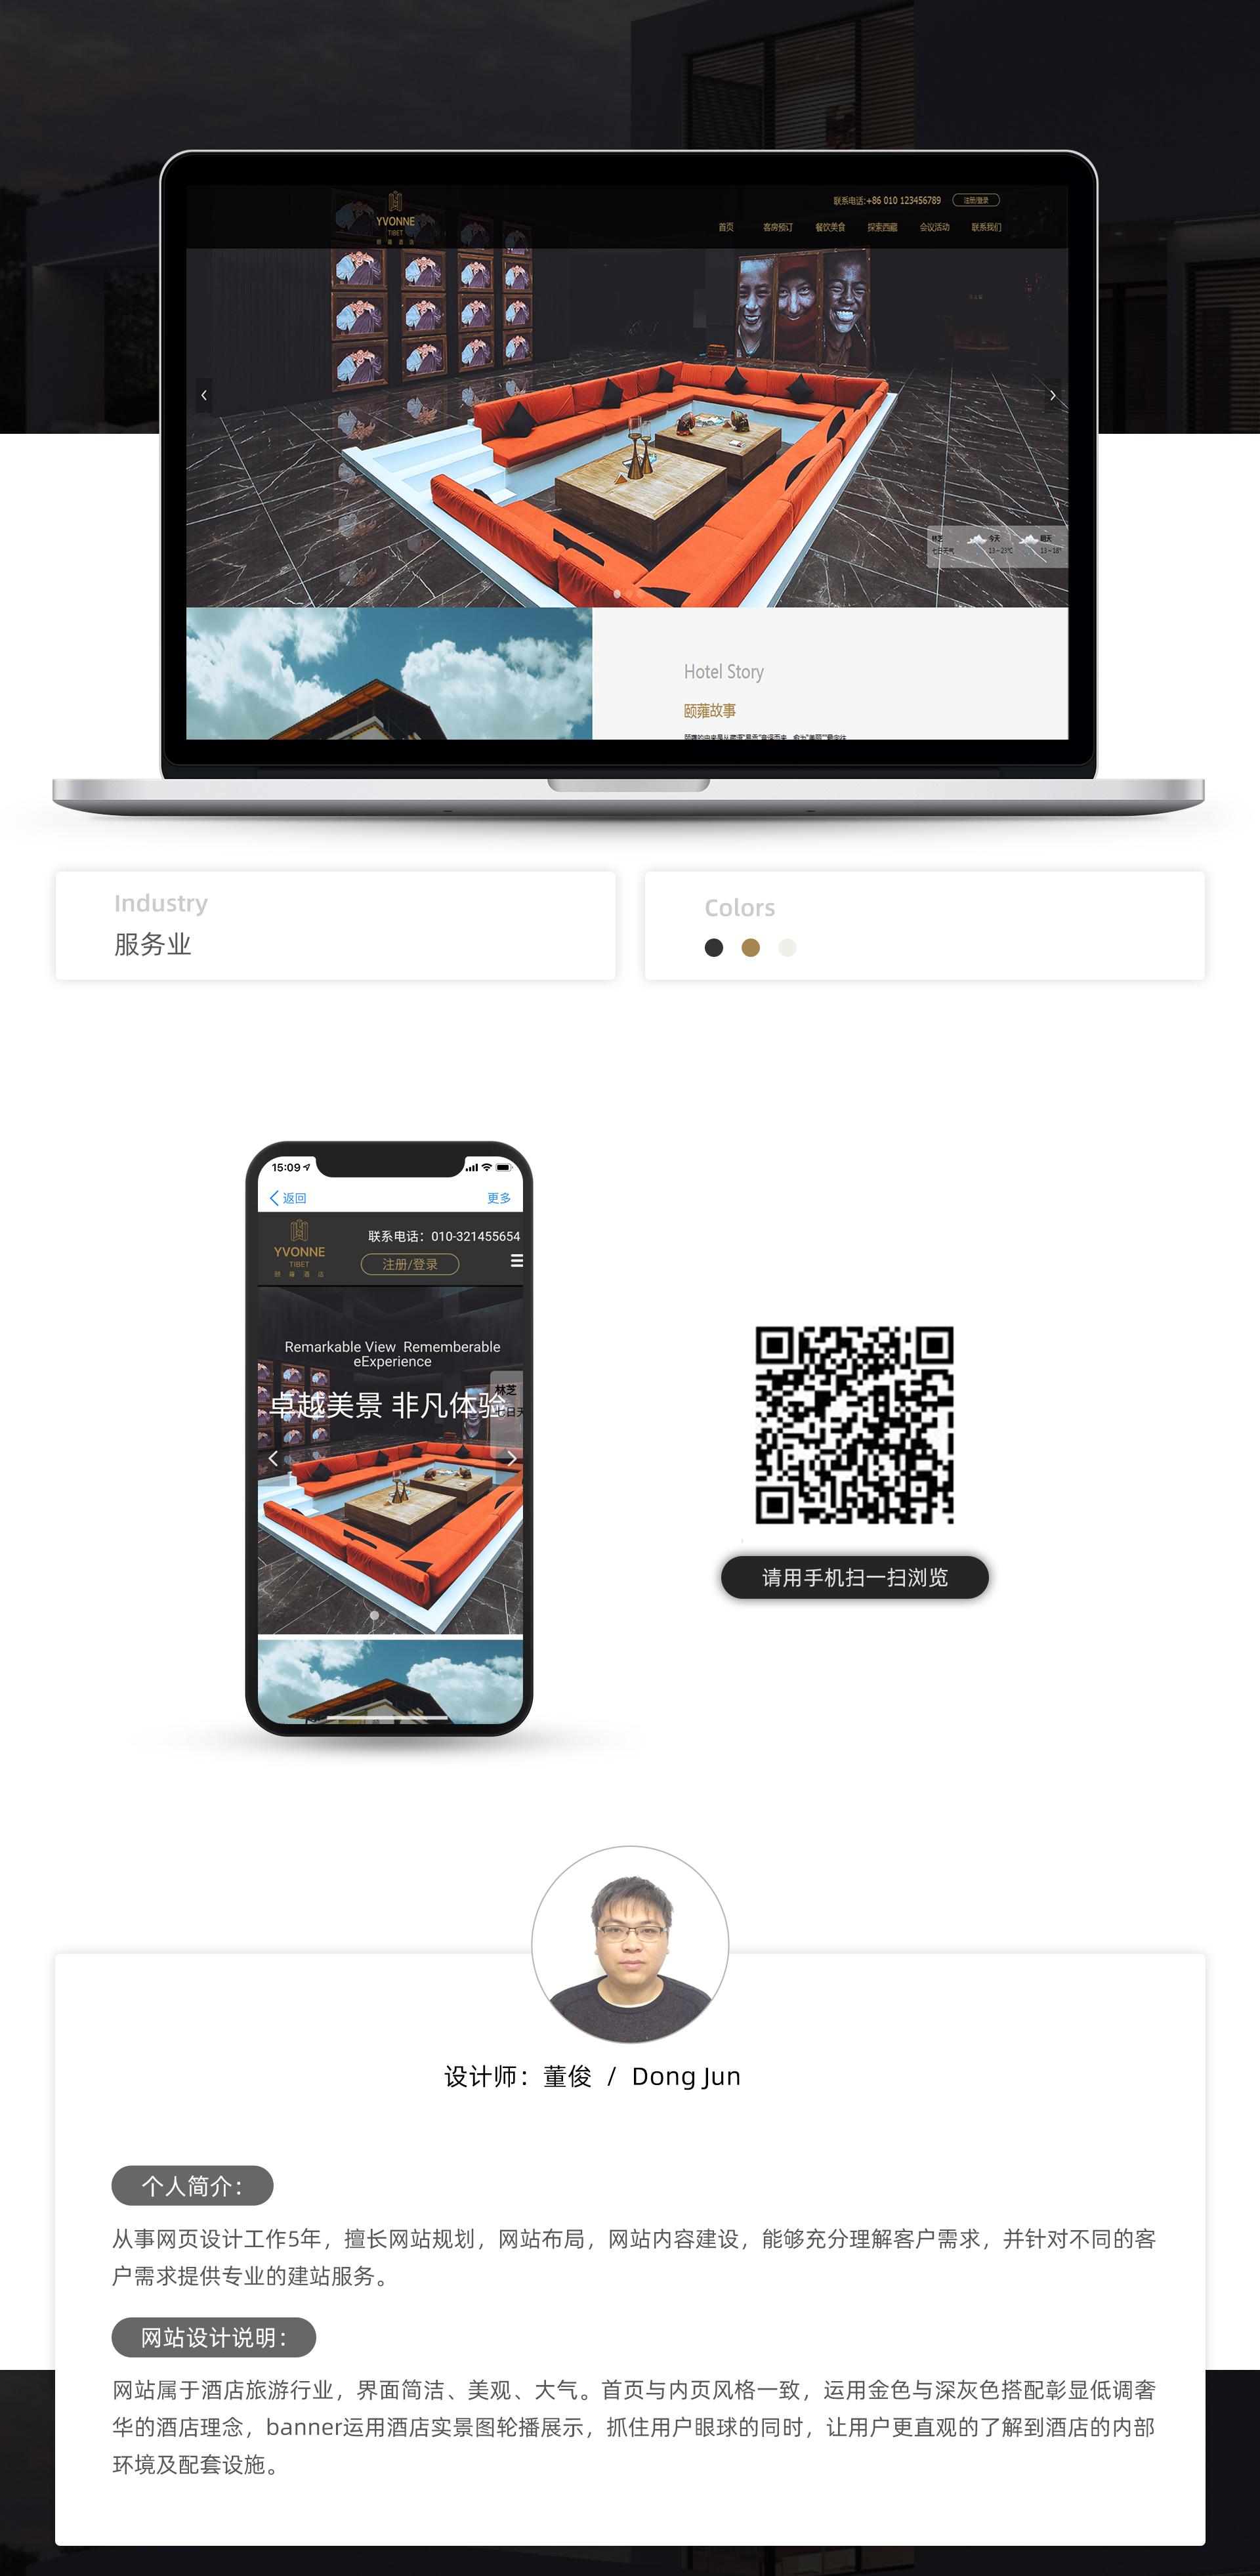 河北聚梦-云企案例设计简介-有手机版董俊-1_01